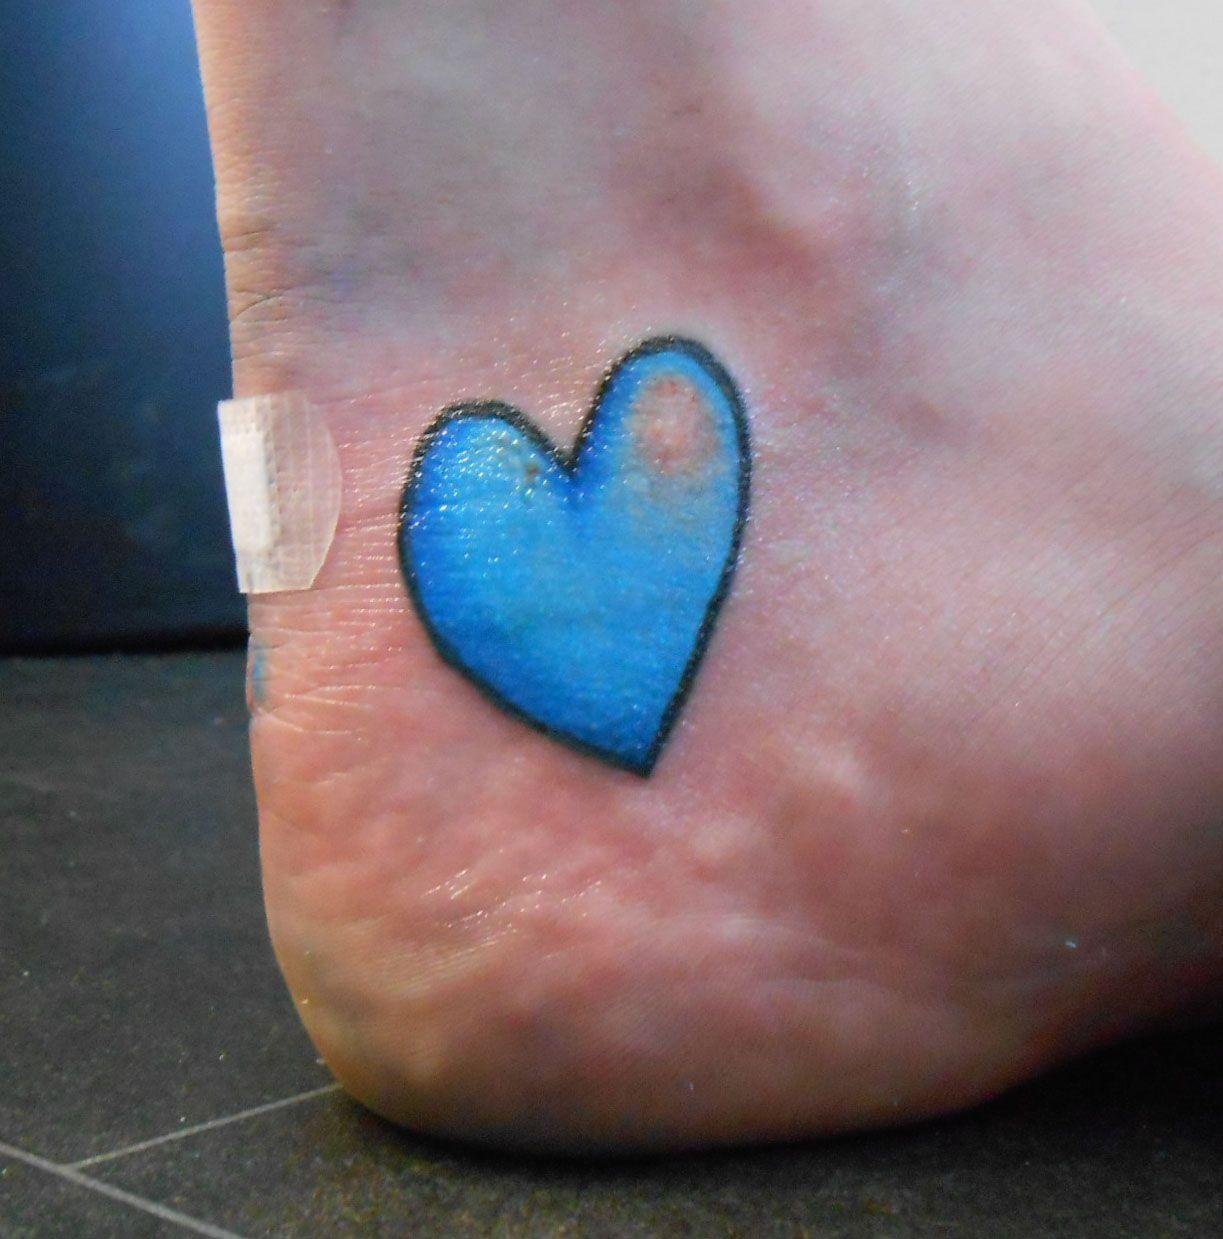 A Blue Love Heart Tattoo #tattoo #heart